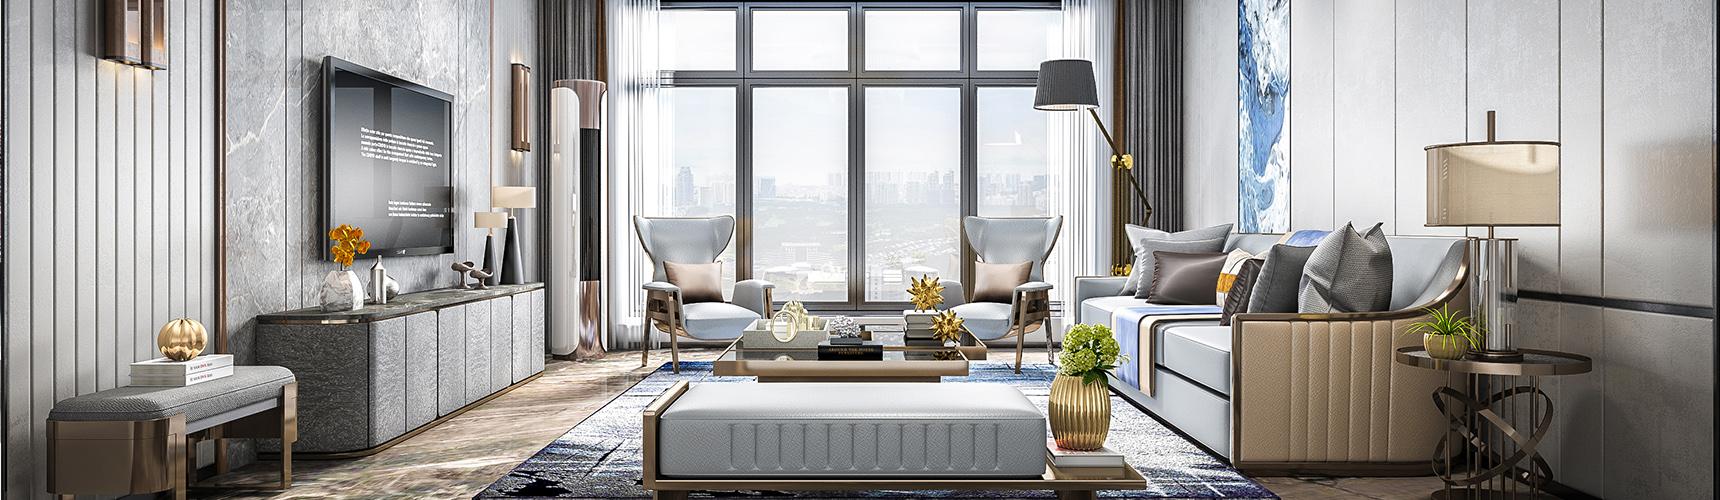 现代客厅3D模型 沙发茶几 电视柜 吊灯 台灯 壁灯 摆件 边几下载